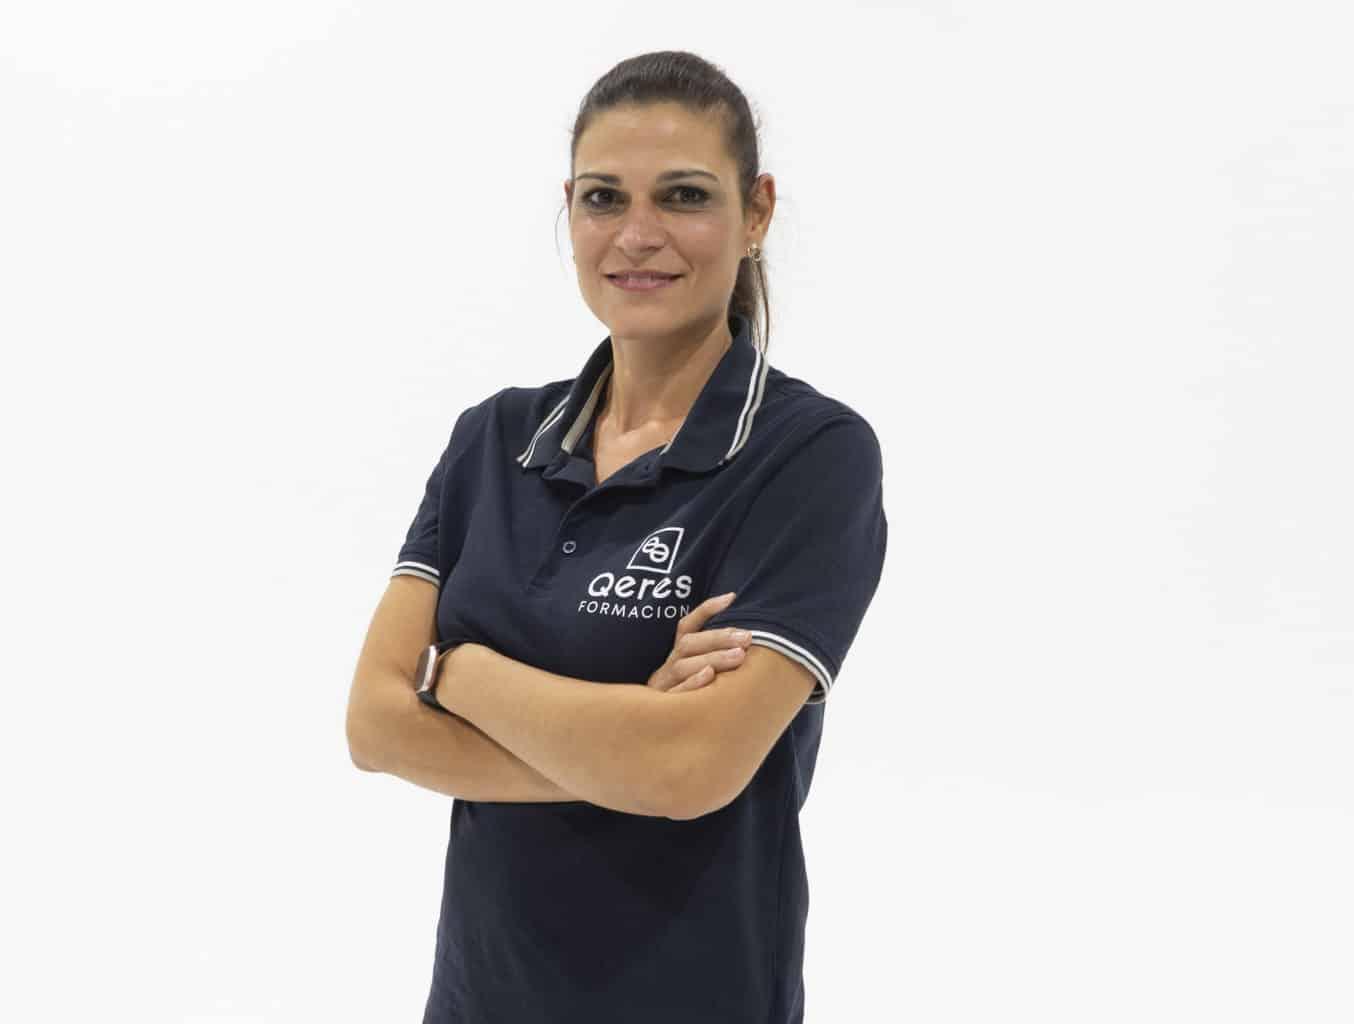 EVA Mª RODRÍGUEZ